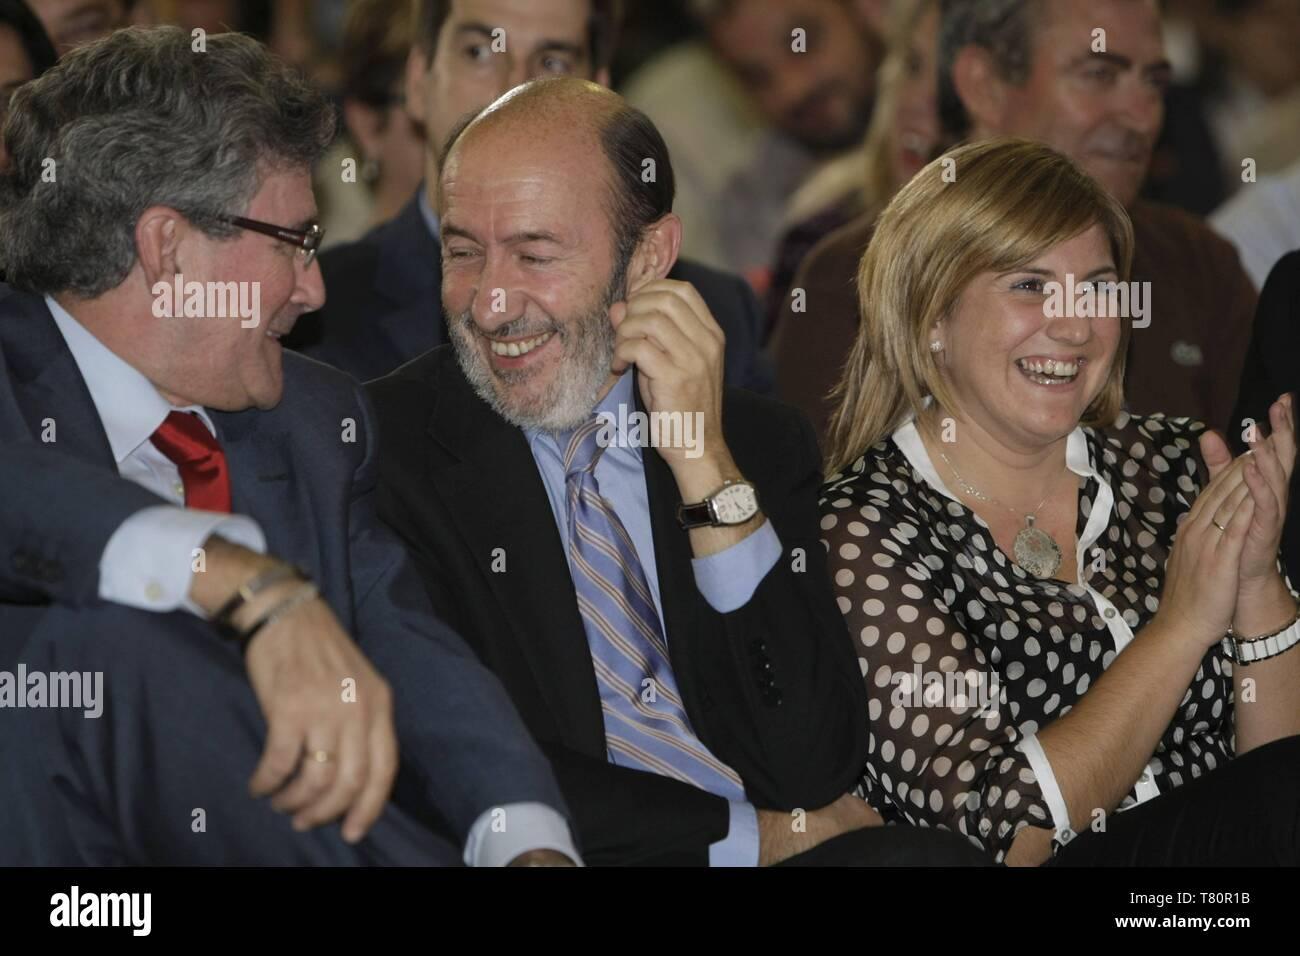 El ministro del Interior y diputado del PSOE por la provincia de Cádiz, Alfredo Pérez Rubalcaba, protagonizó anoche en Sanlúcar el acto de apertura de la campaña socialista 'Nuevas Energías', cuyo objetivo es 'informar a la población acerca de las medidas económicas y sociales puestas en marcha por el Gobierno central y la Junta de Andalucía para combatir la crisis'.  Rubalcaba manifestó que esta campaña no viene motivada porque 'los socialistas nos sintamos presionados por la derecha', sino porque 'les hemos pedido un esfuerzo a los españoles en estos momentos de gran dificultad que debemos e - Stock Image